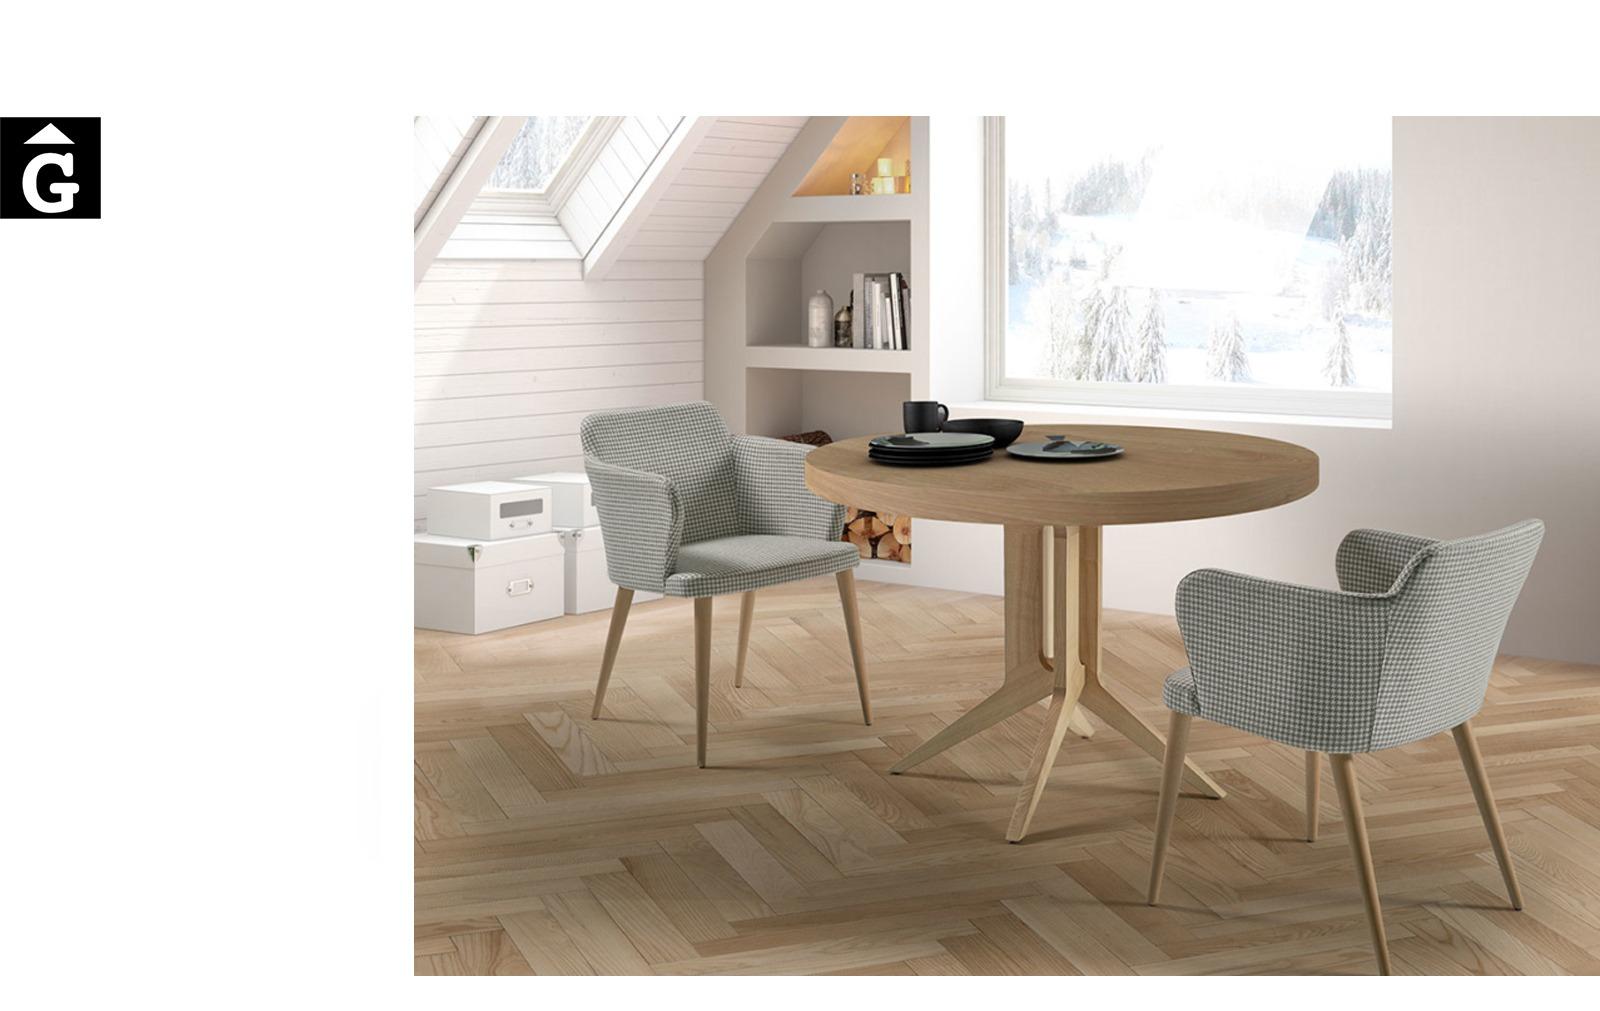 Taula Rodona Londres Doos by mobles Gifreu taules i cadires alta qualitat